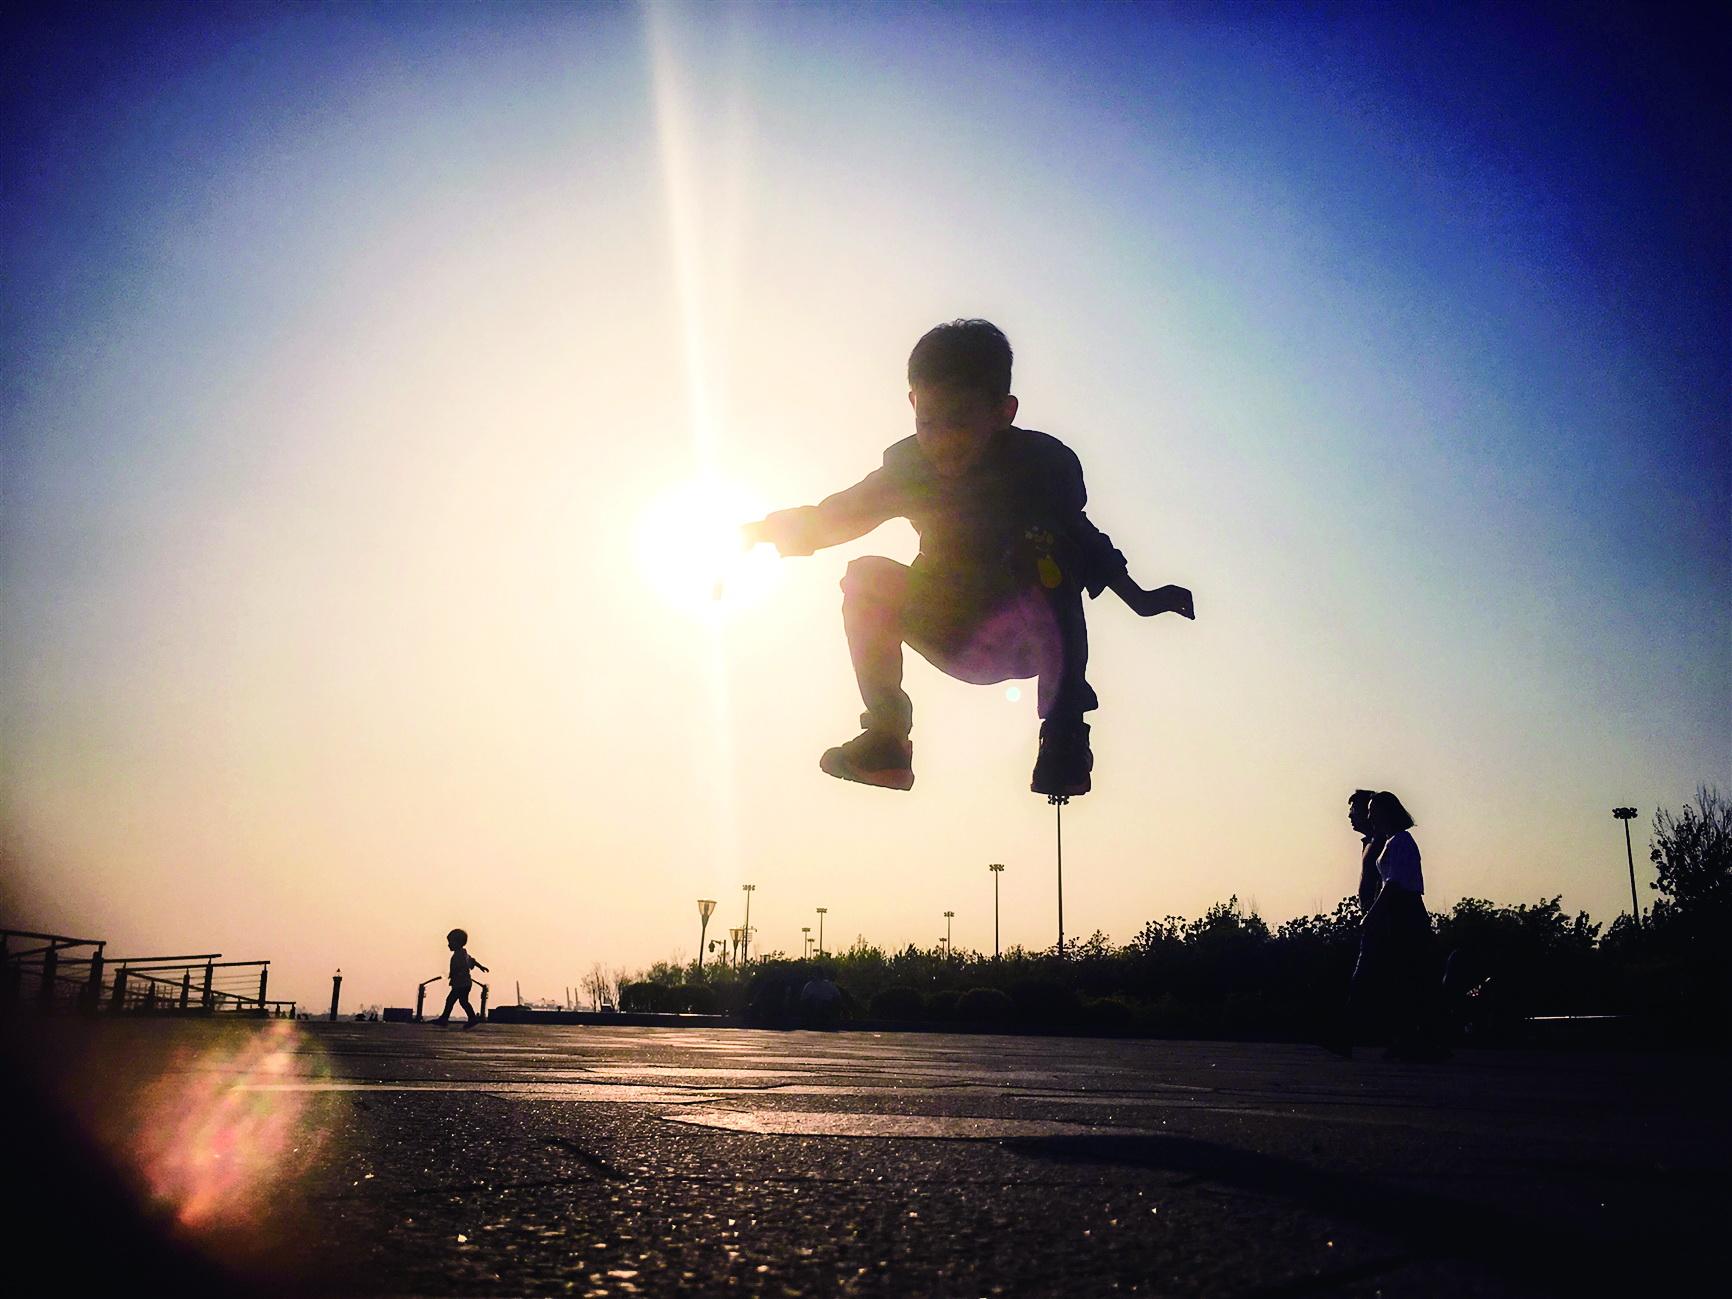 攝影作品:飛躍